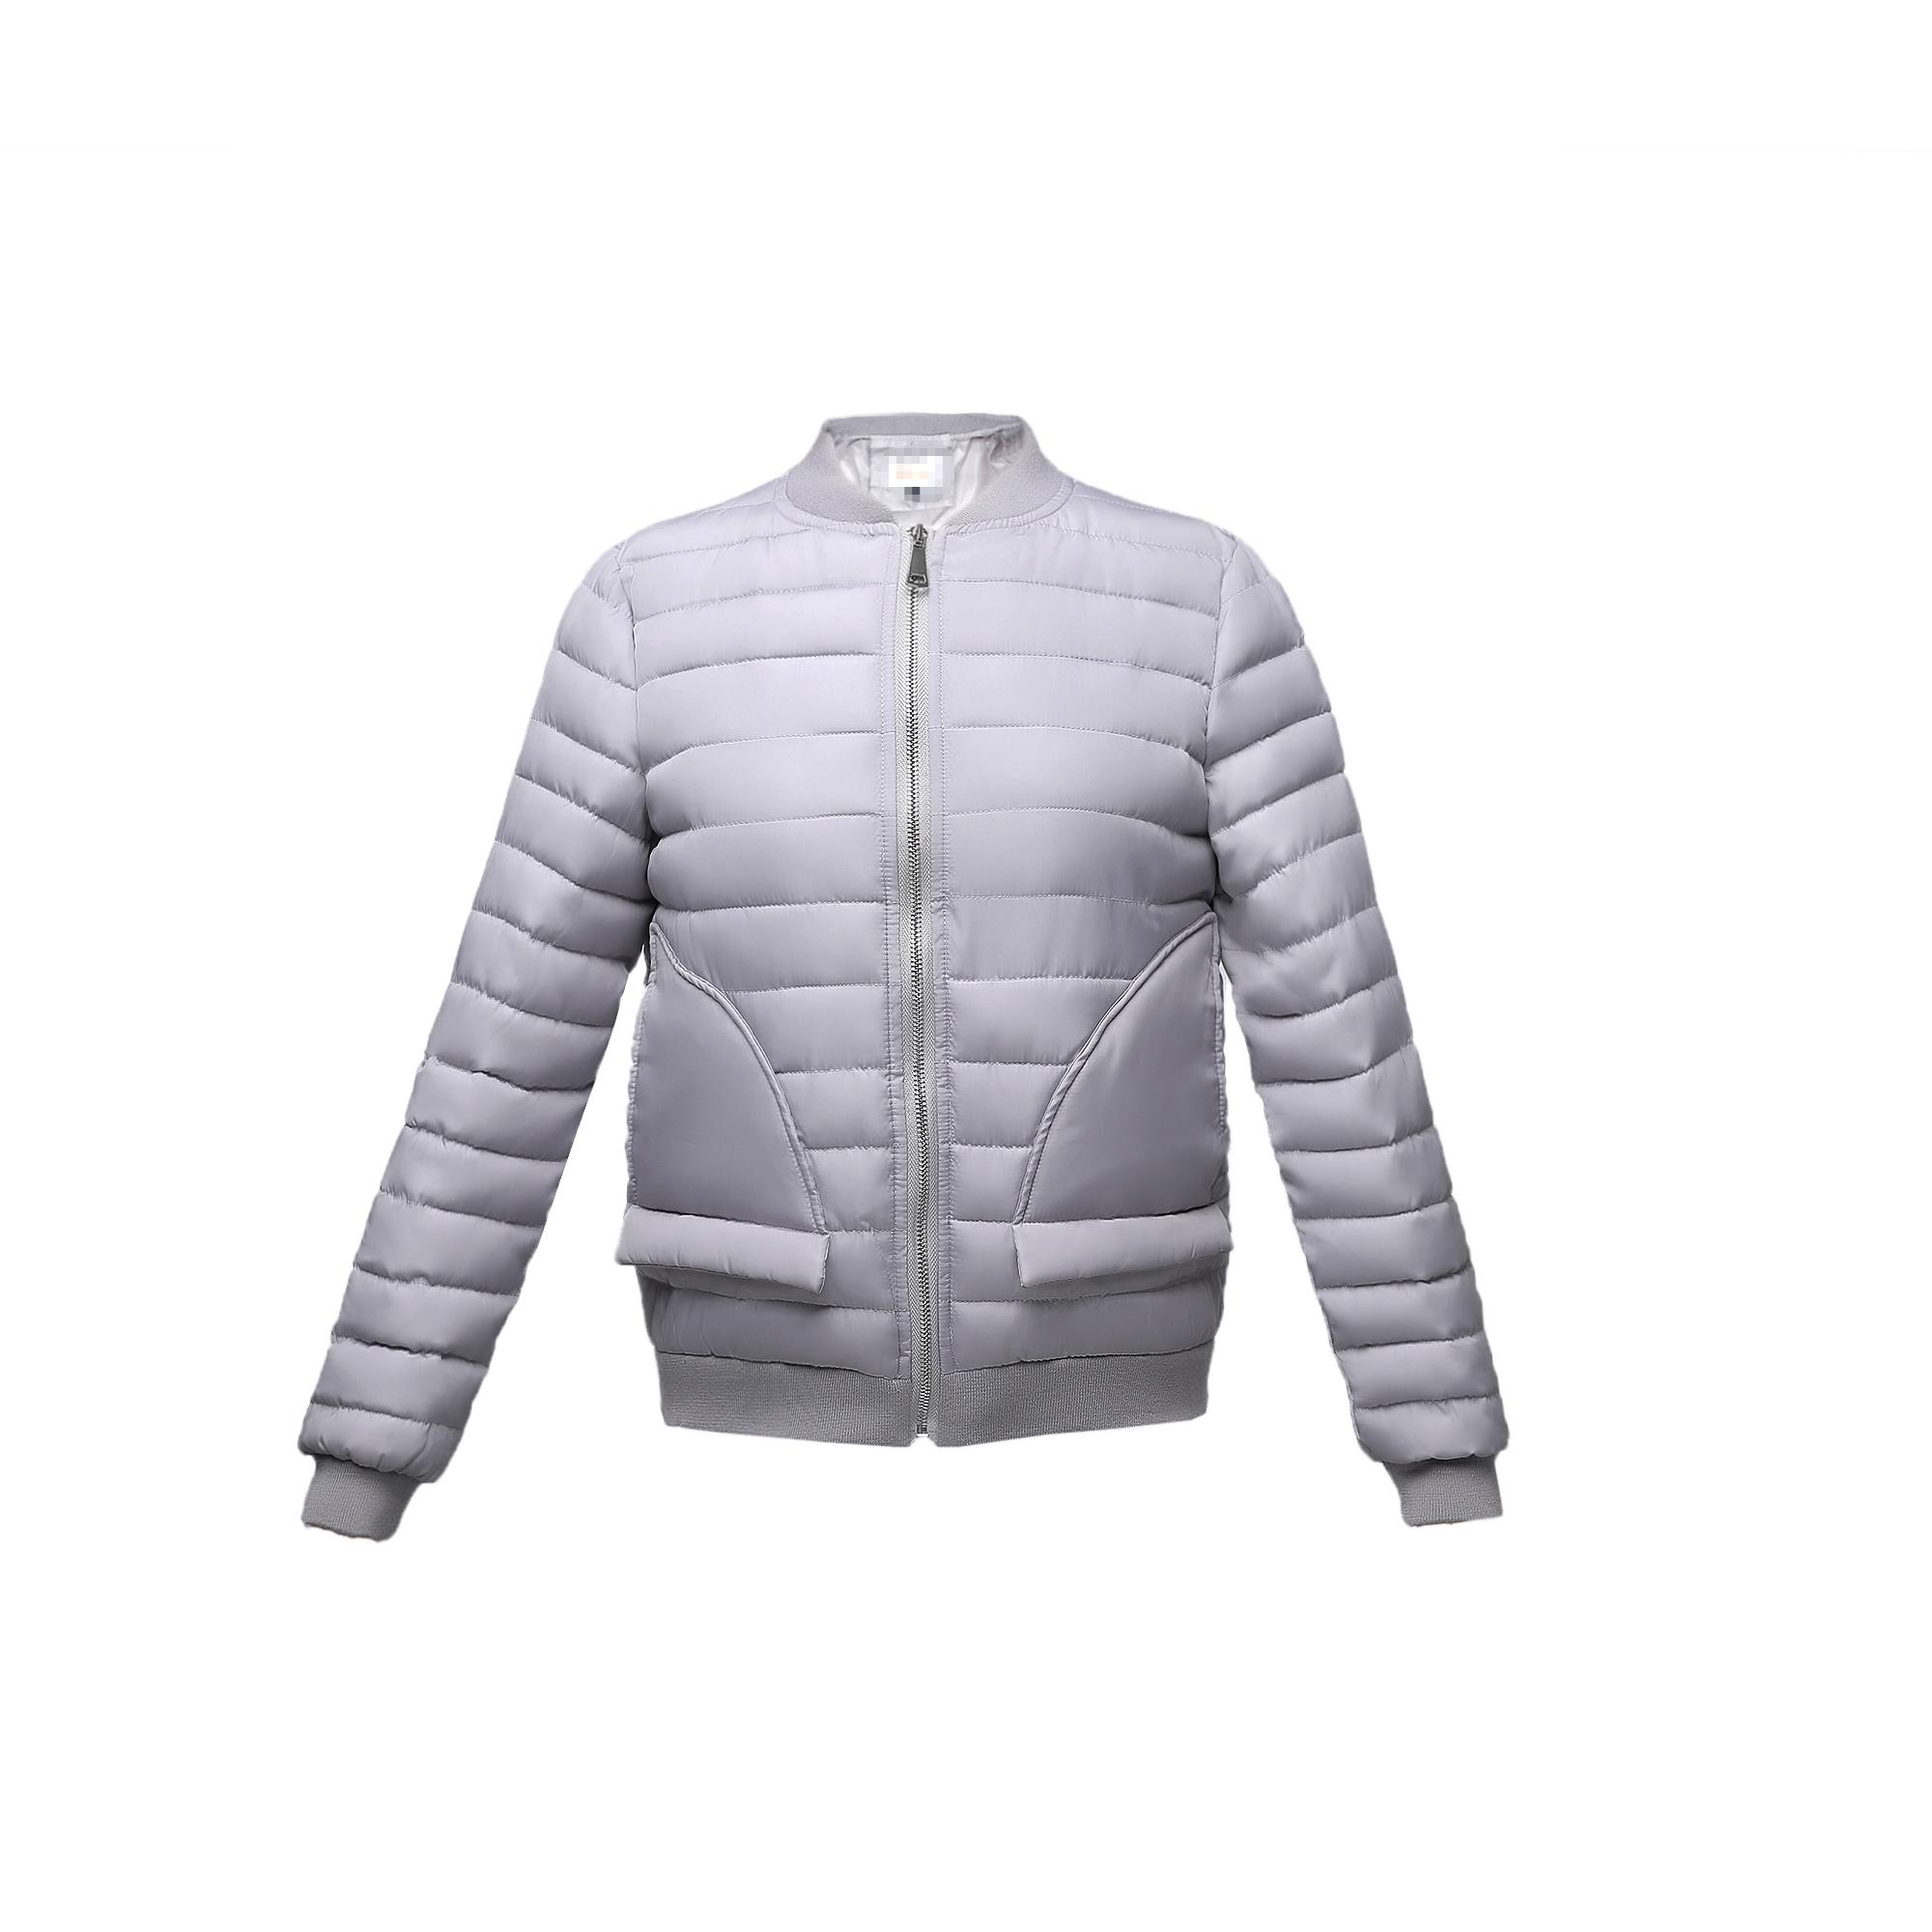 冬装新款加厚棉衣女士短款韩版修身羽绒棉服棒球服学生小棉袄外套